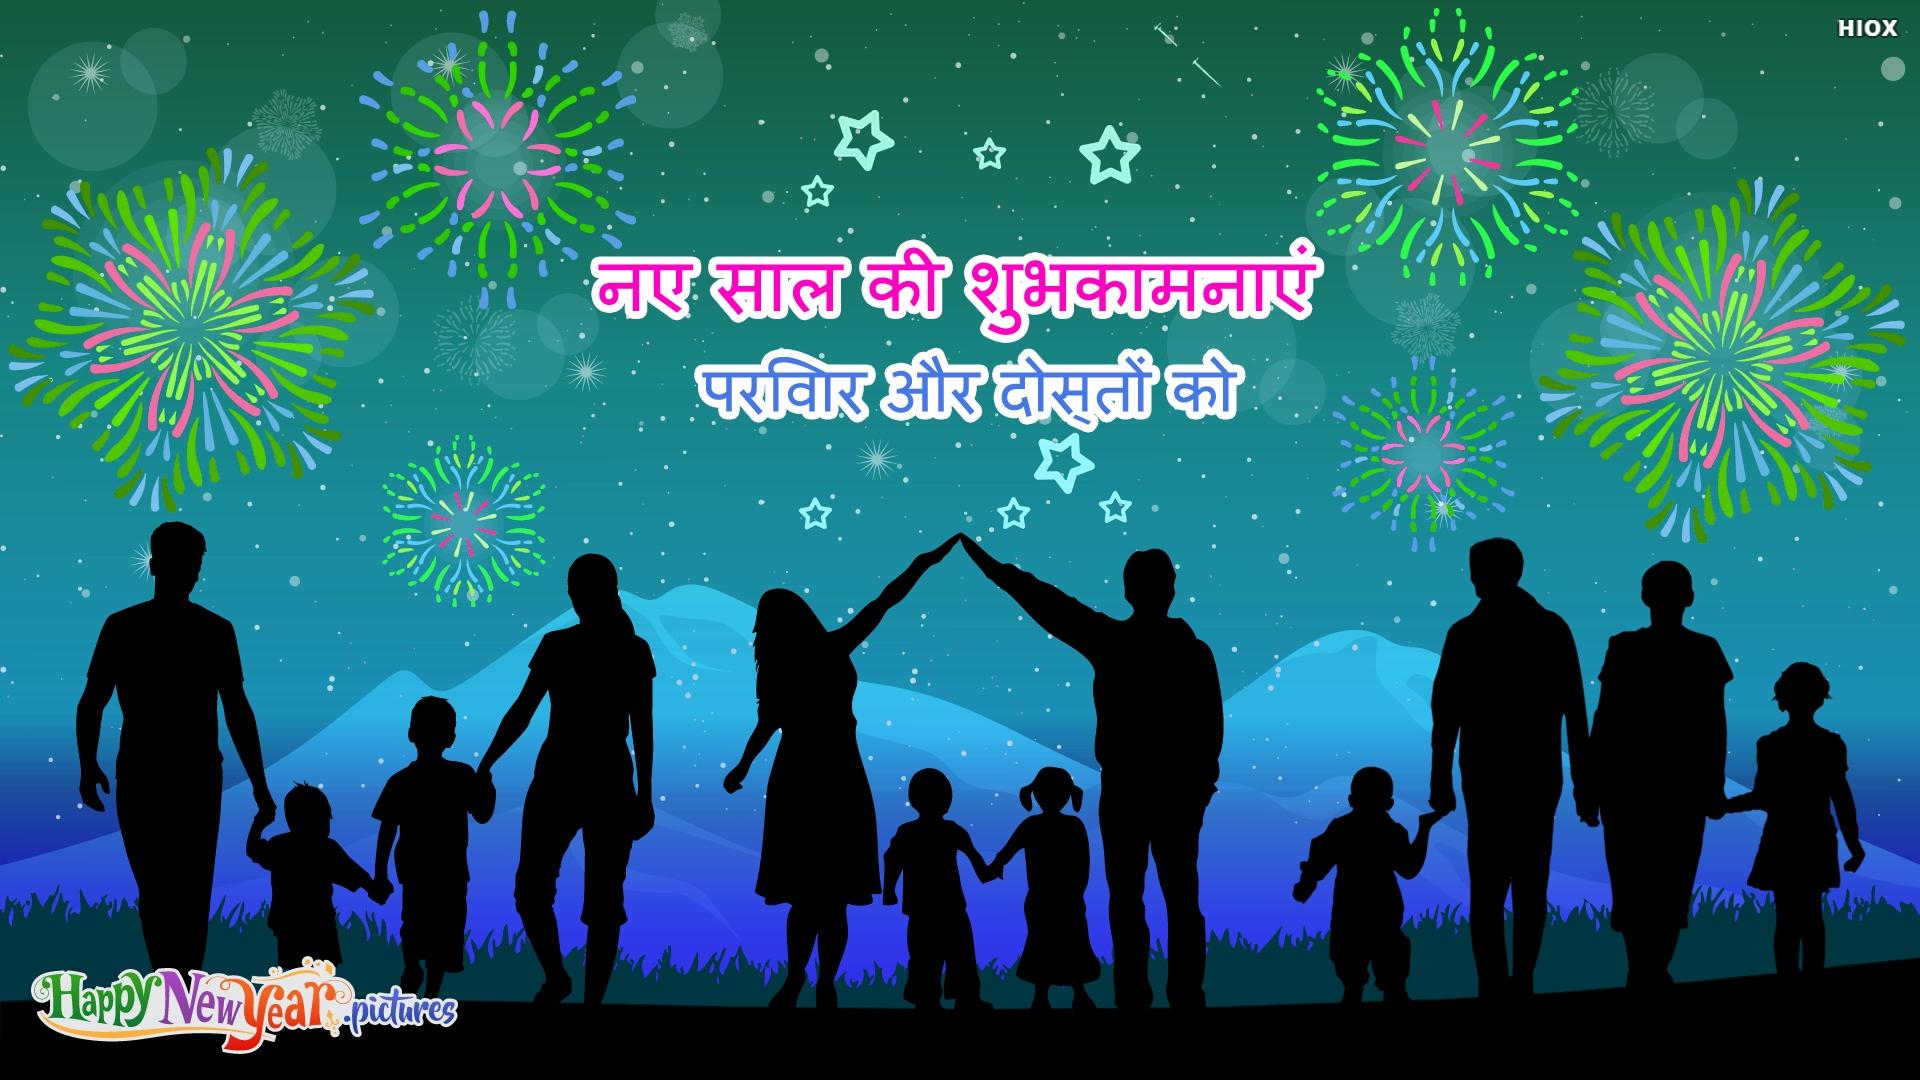 नए साल की शुभकामनाएं परिवार और दोस्तों को